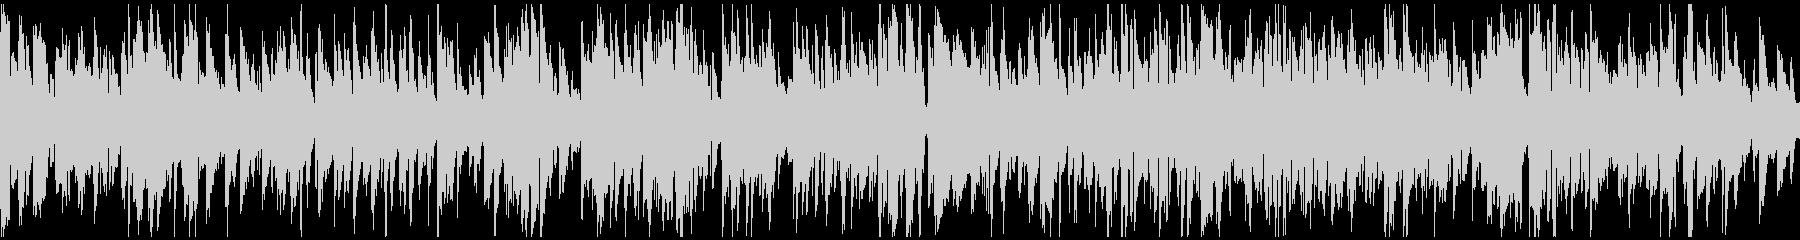 生演奏サックスの渋いジャズ ※ループ版の未再生の波形